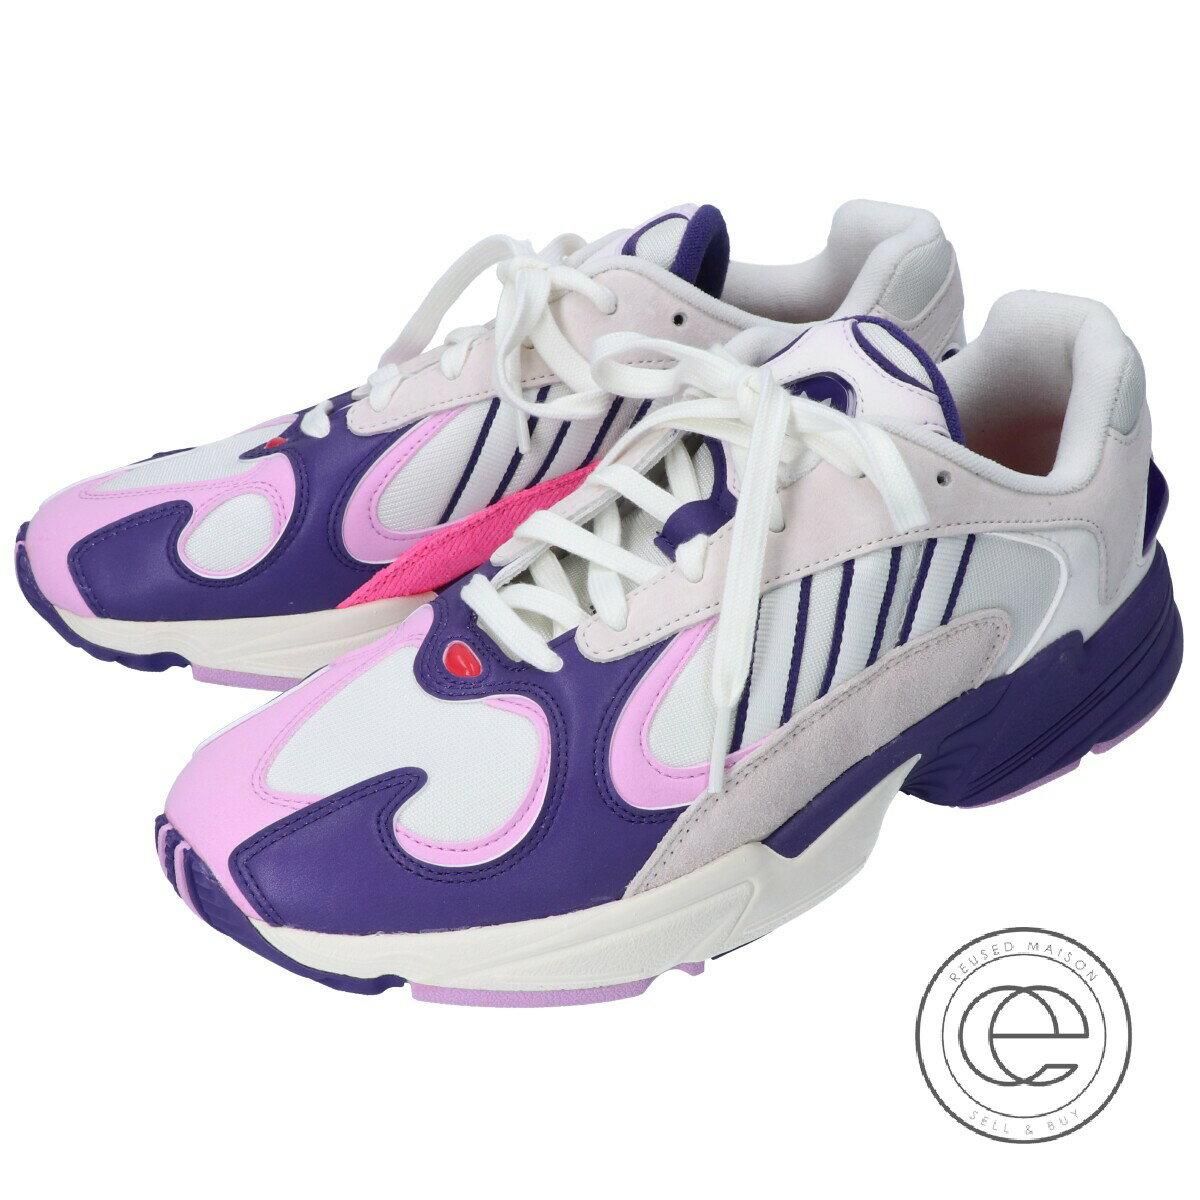 メンズ靴, スニーカー adidas 18OriginalsDragon Ball ZZ D97048 YUNG-1 Frieza 1 27.5